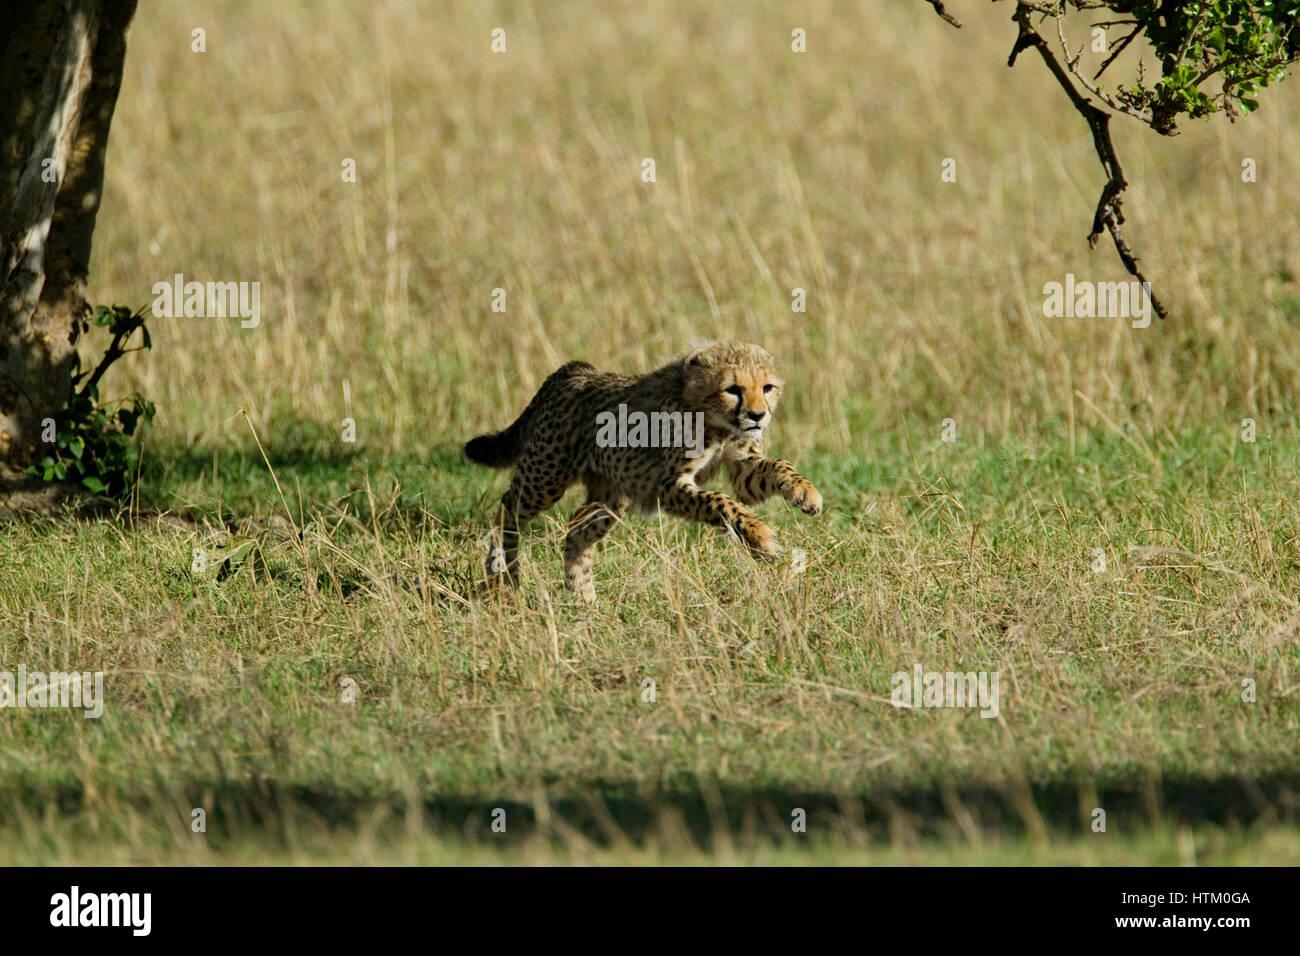 Cheetah (Acinonyx jubatus) cub running, Masai Mara National Reserve, Kenya, East Africa Stock Photo